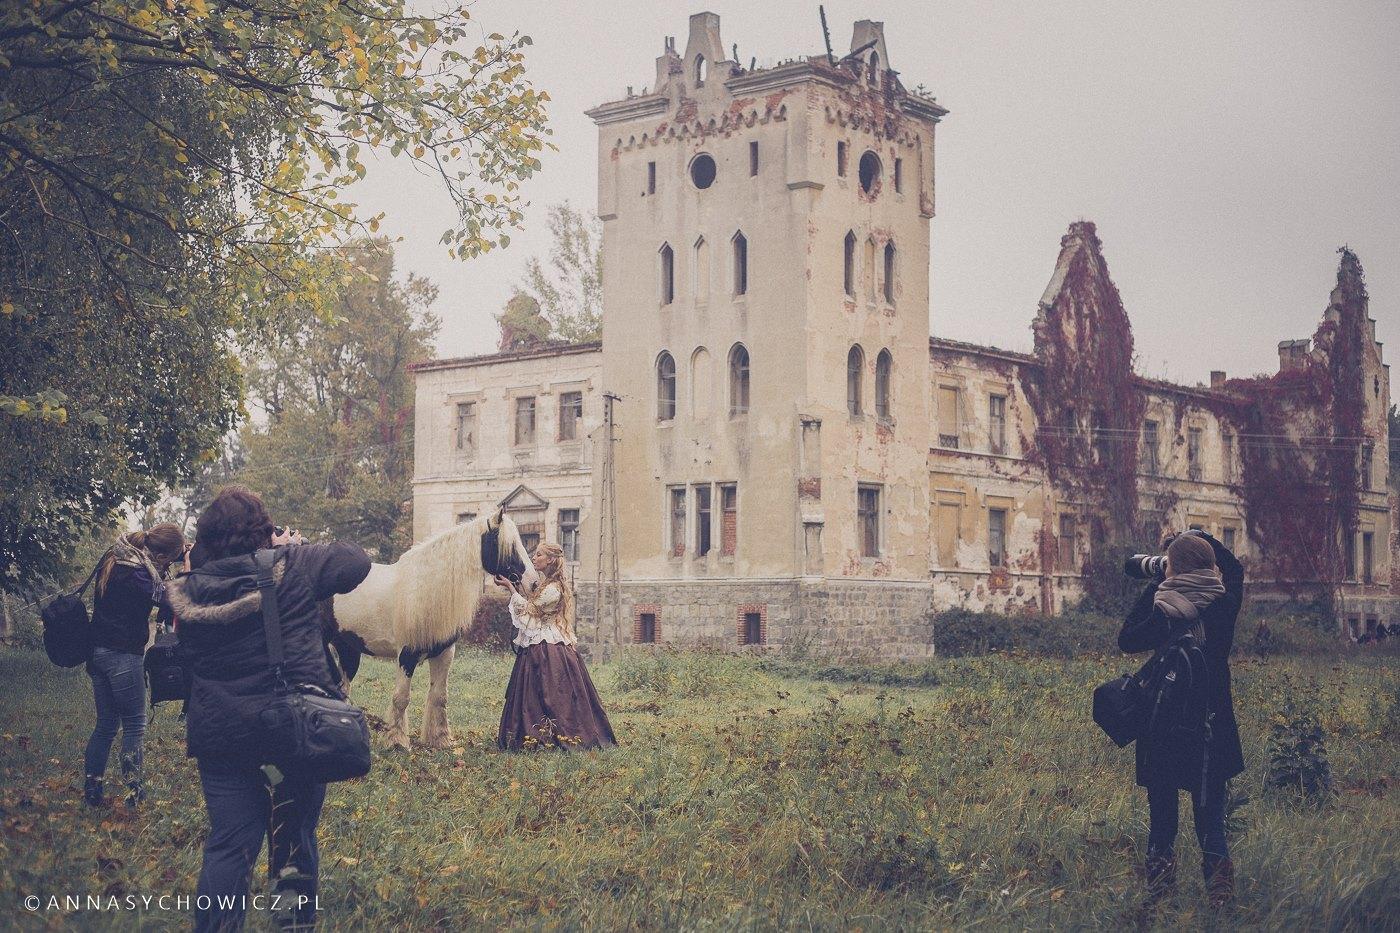 Plener fotograficzny w Gałowie. Warsztaty fotograficzne z końmi, nauka fotografowania koni.